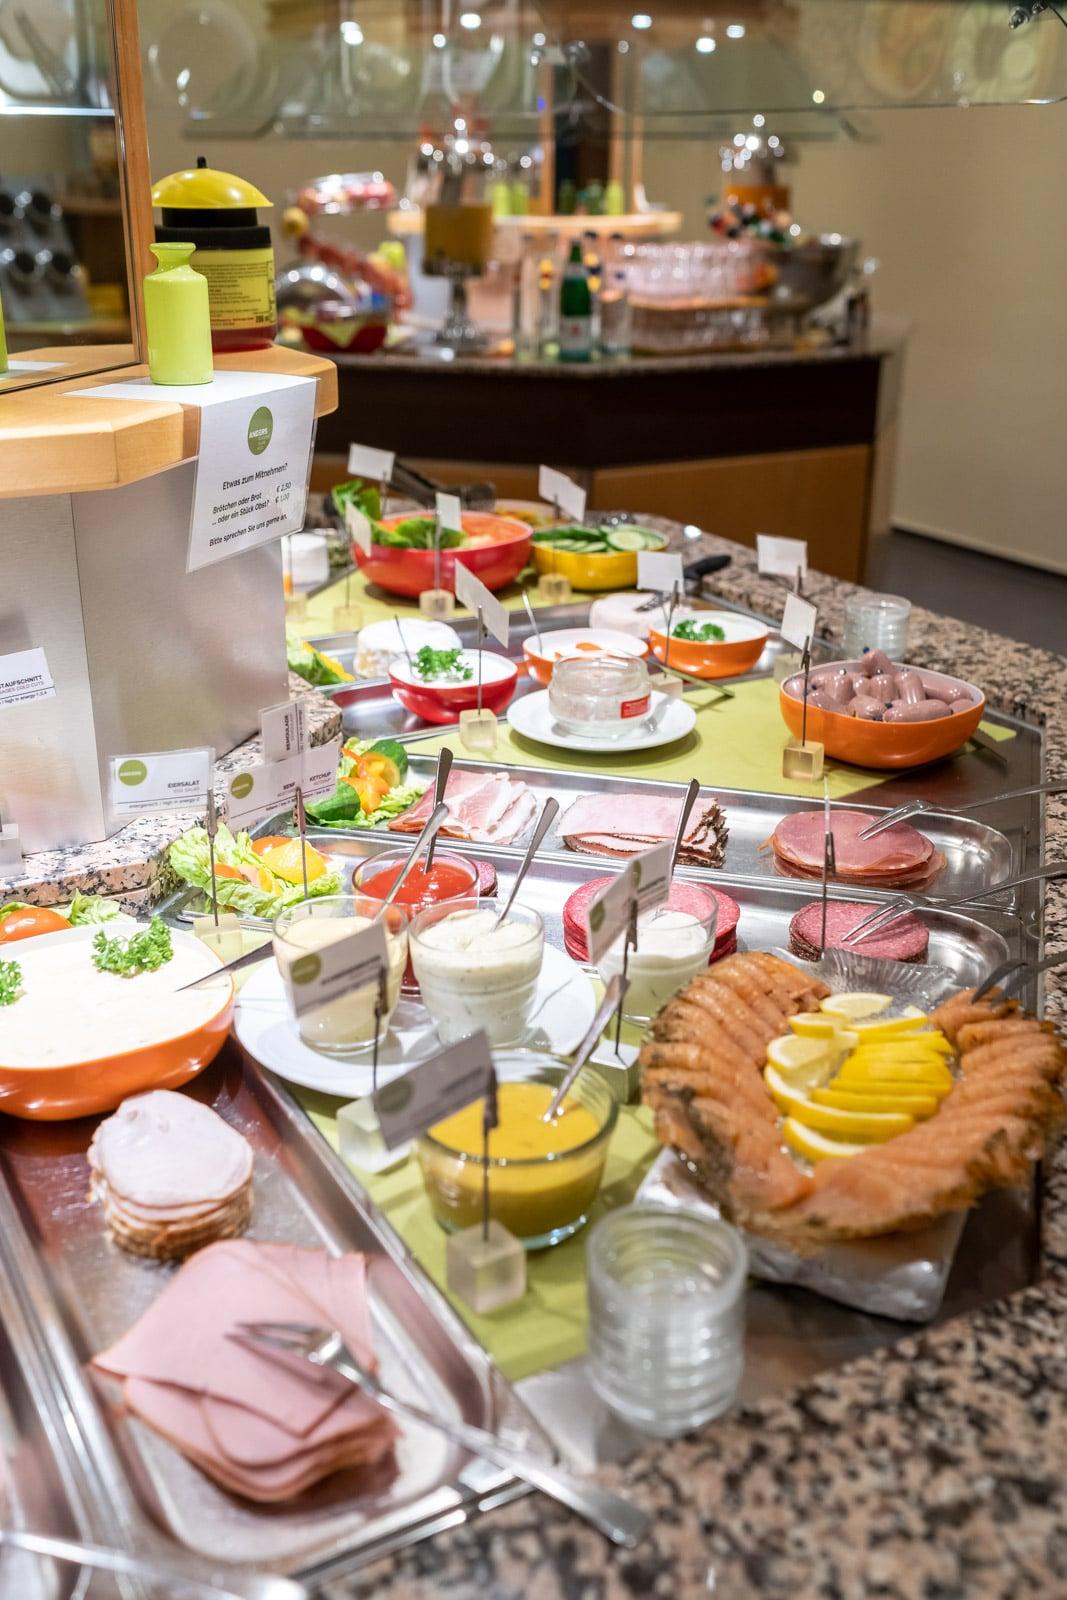 ANDERS-hotel-walsrode-frühstücksbuffet.jpg